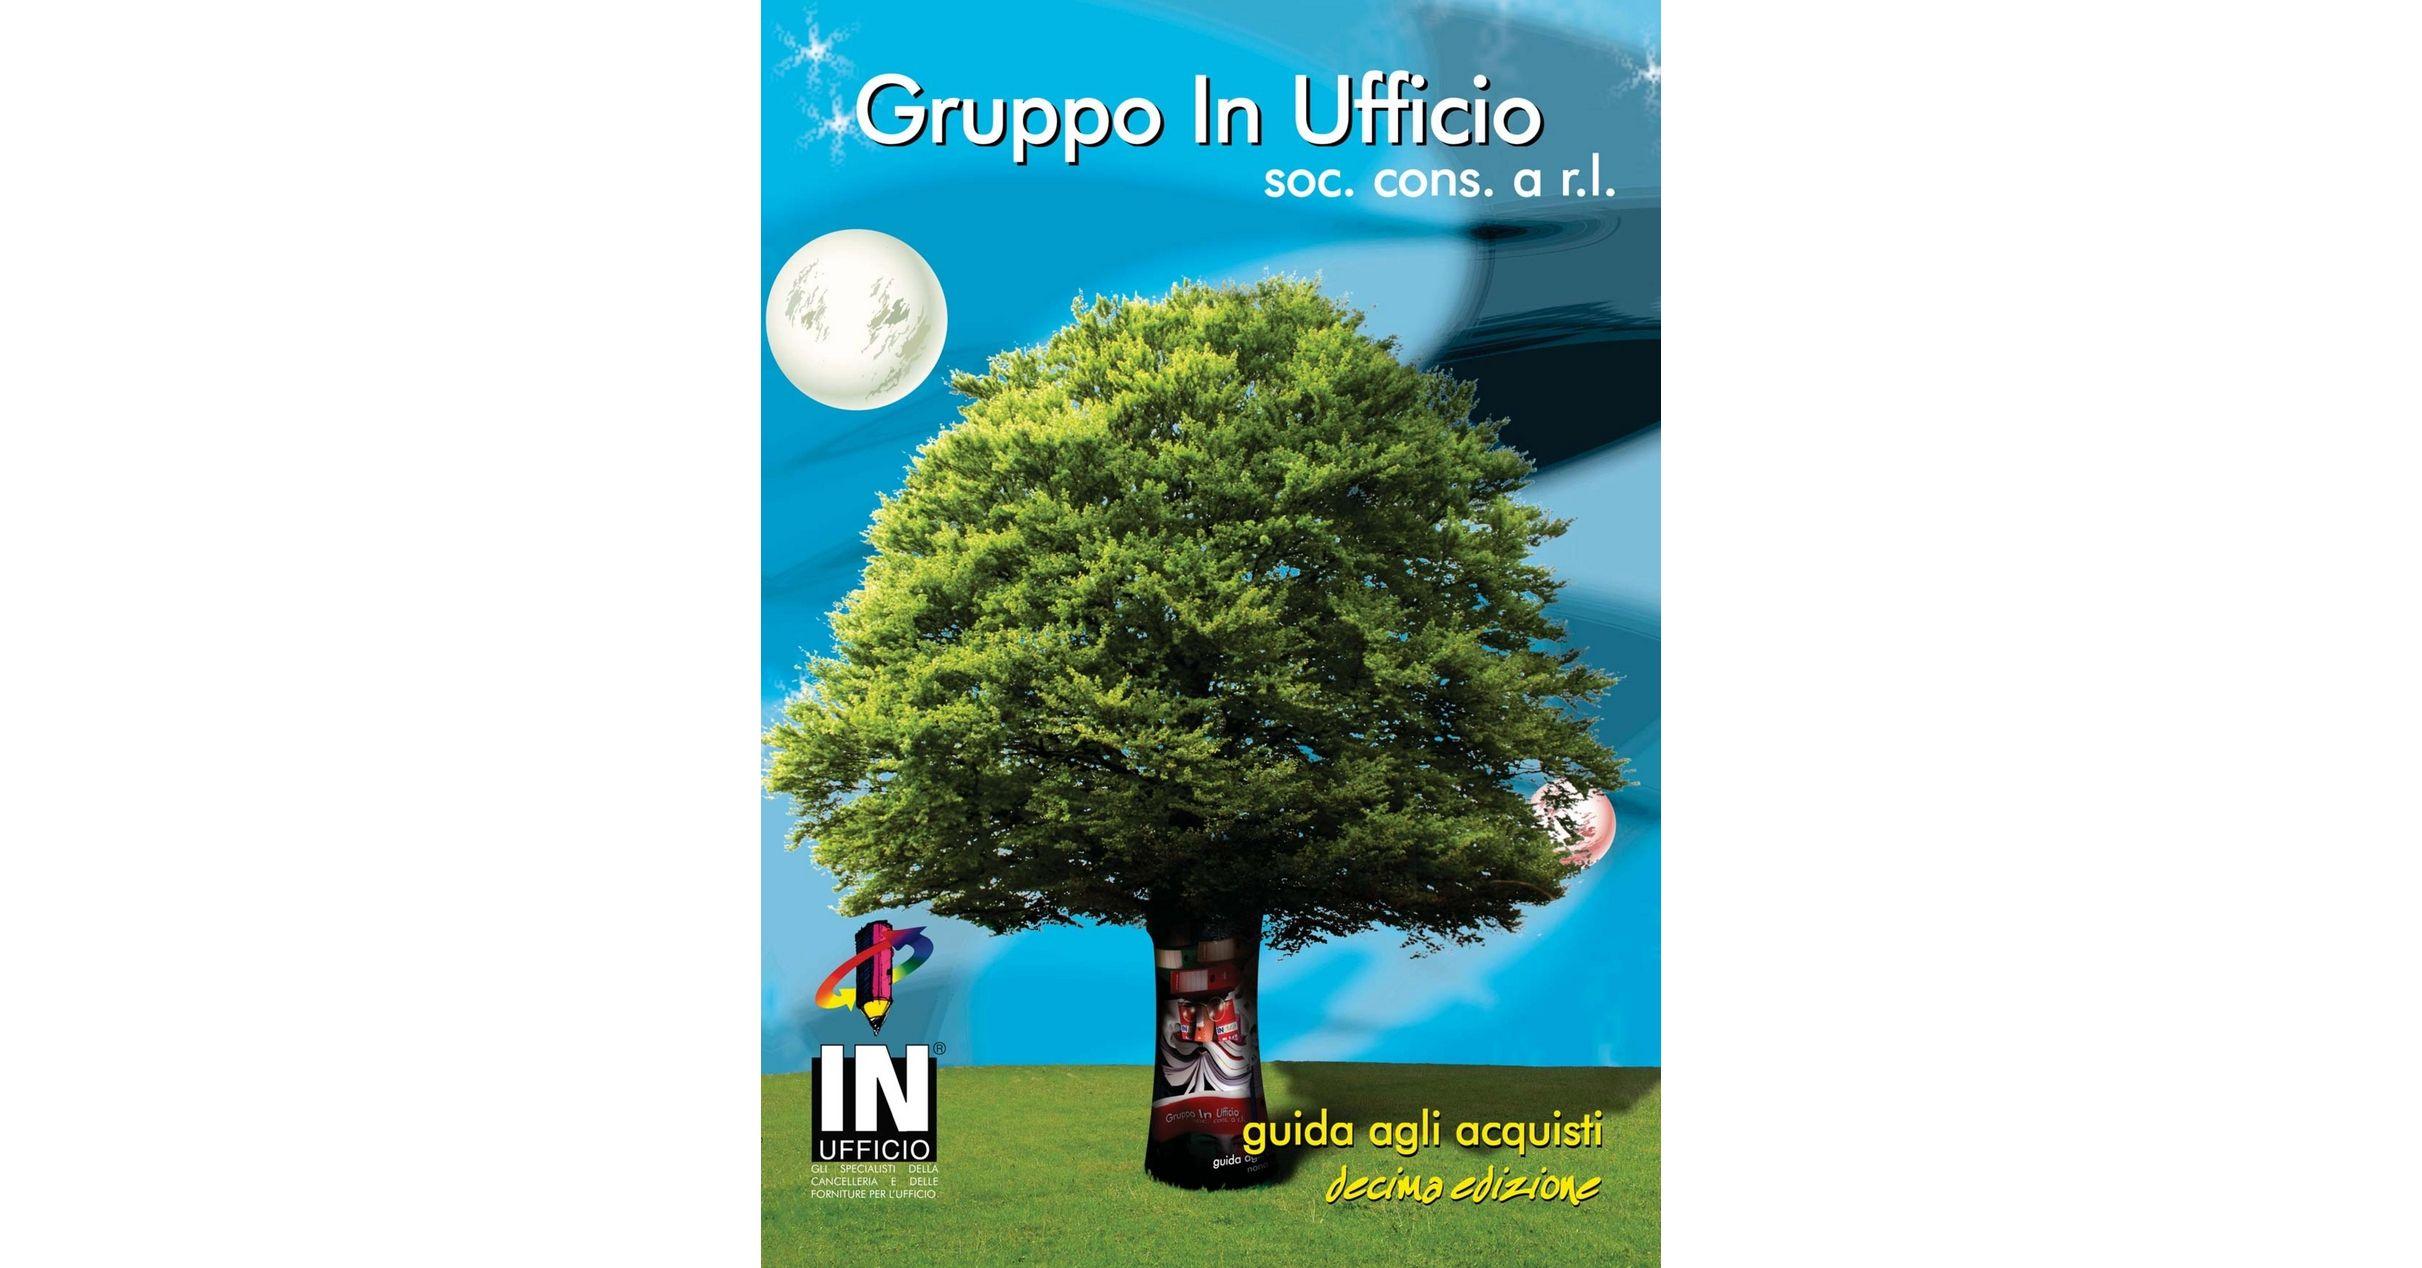 Inufficio catalogo